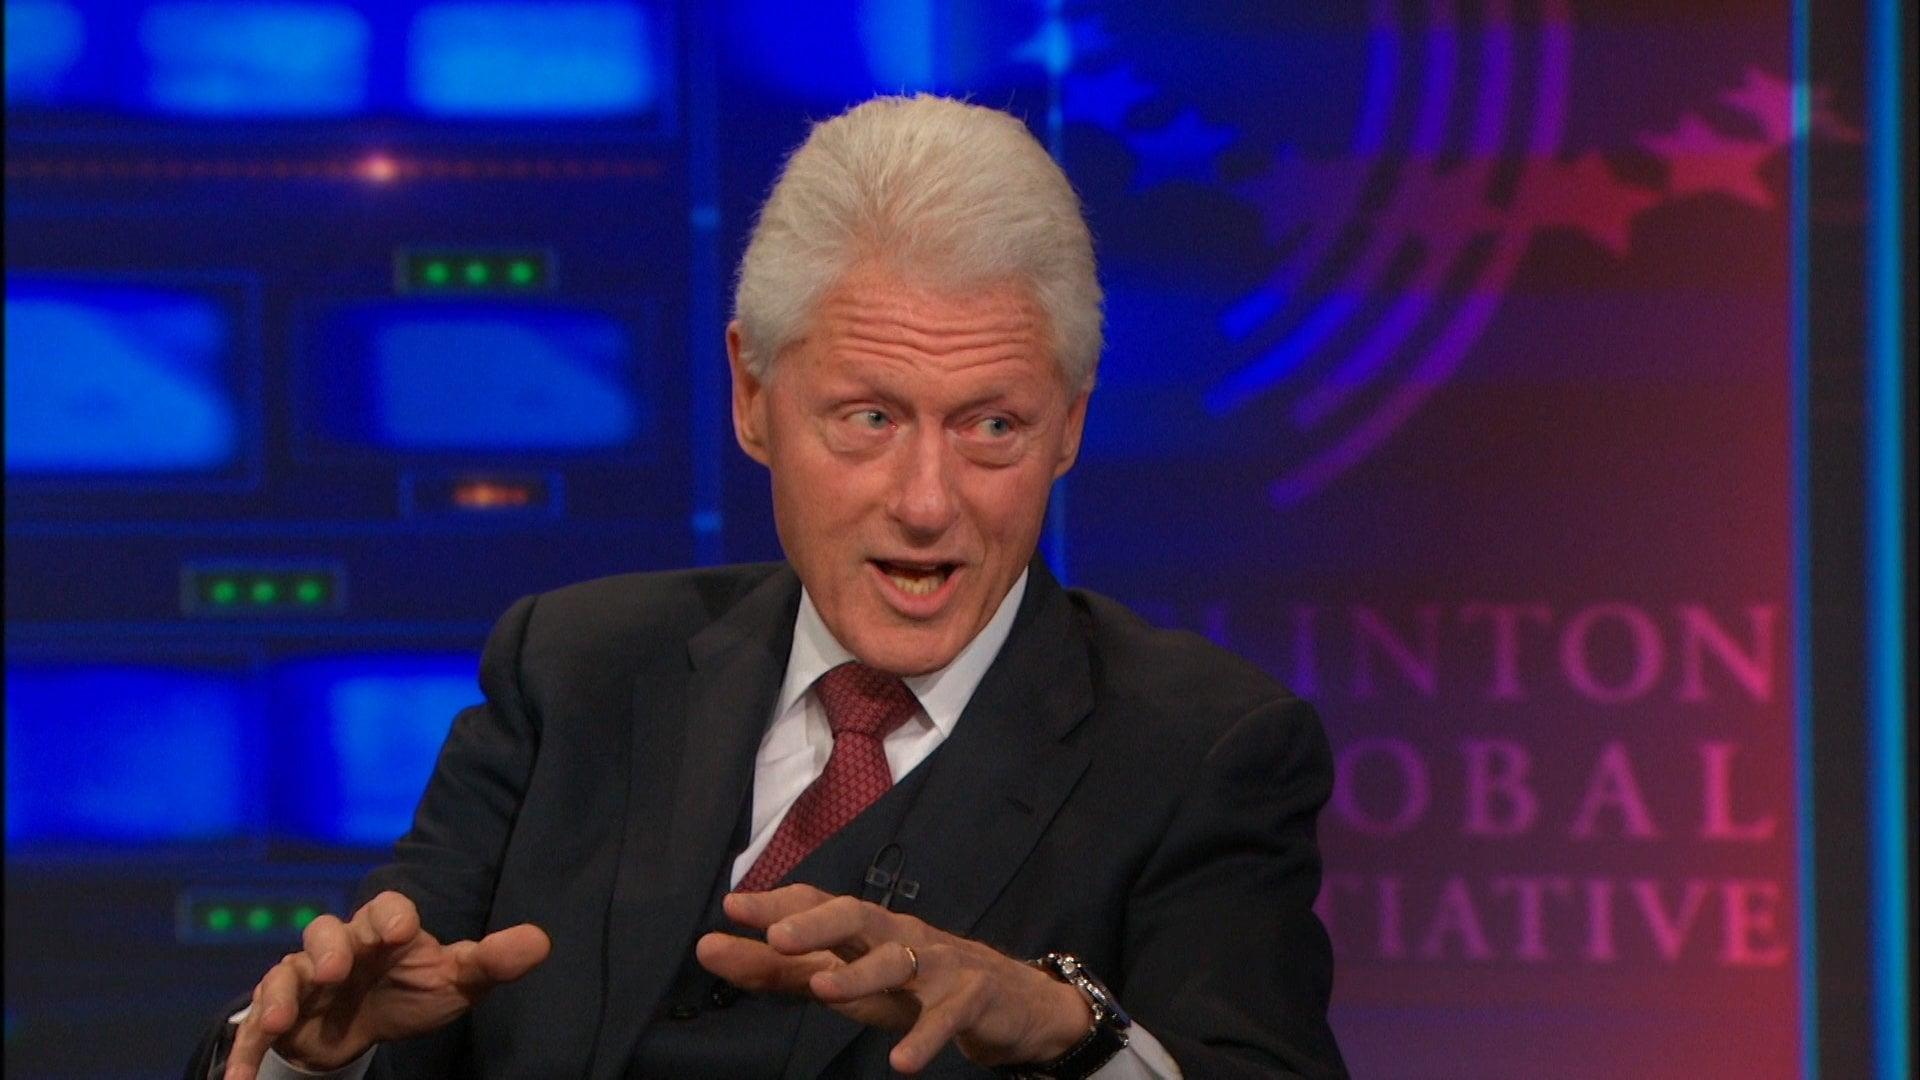 The Daily Show with Trevor Noah Season 19 :Episode 155  Bill Clinton